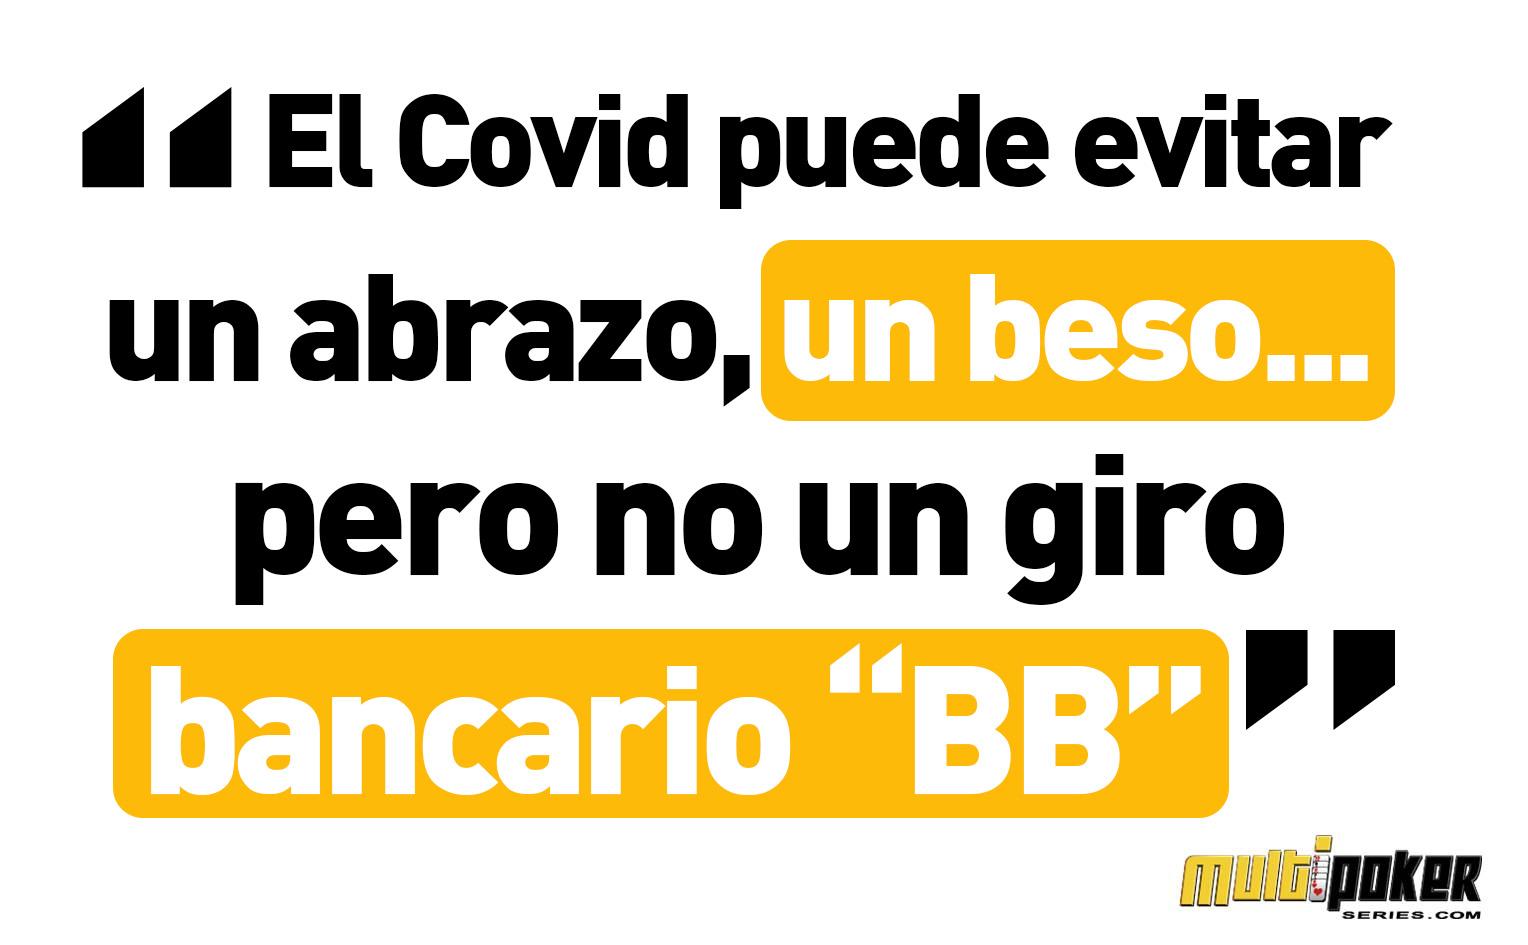 EL COVID PUEDE EVITAR UN ABRAZO UN BESO PERO NO UN GIRO BANCARIO BB